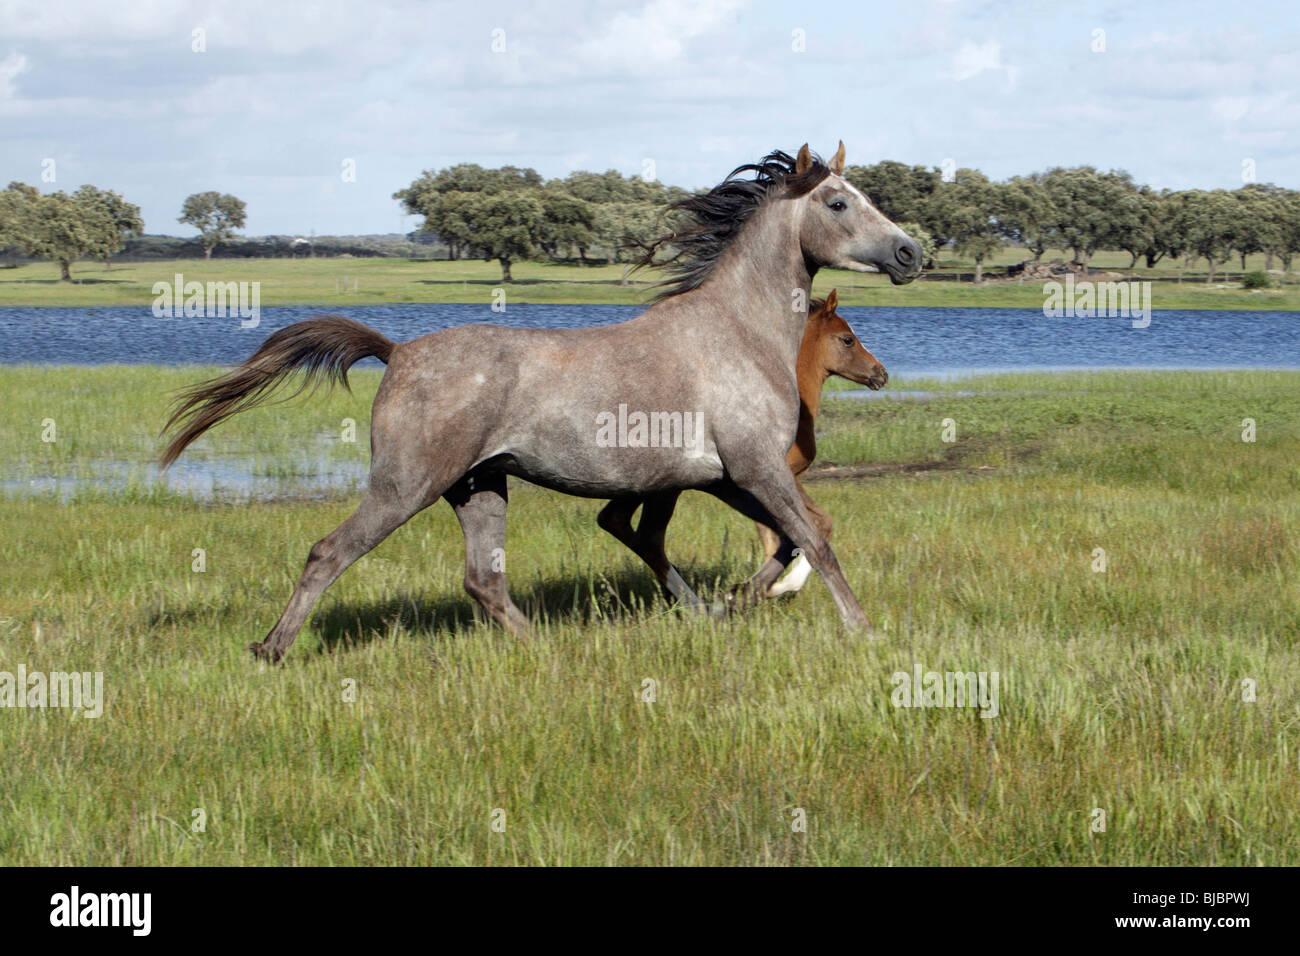 Caballos Árabes, mare con potro, al trote a través de pradera, Alentejo, Portugal Imagen De Stock